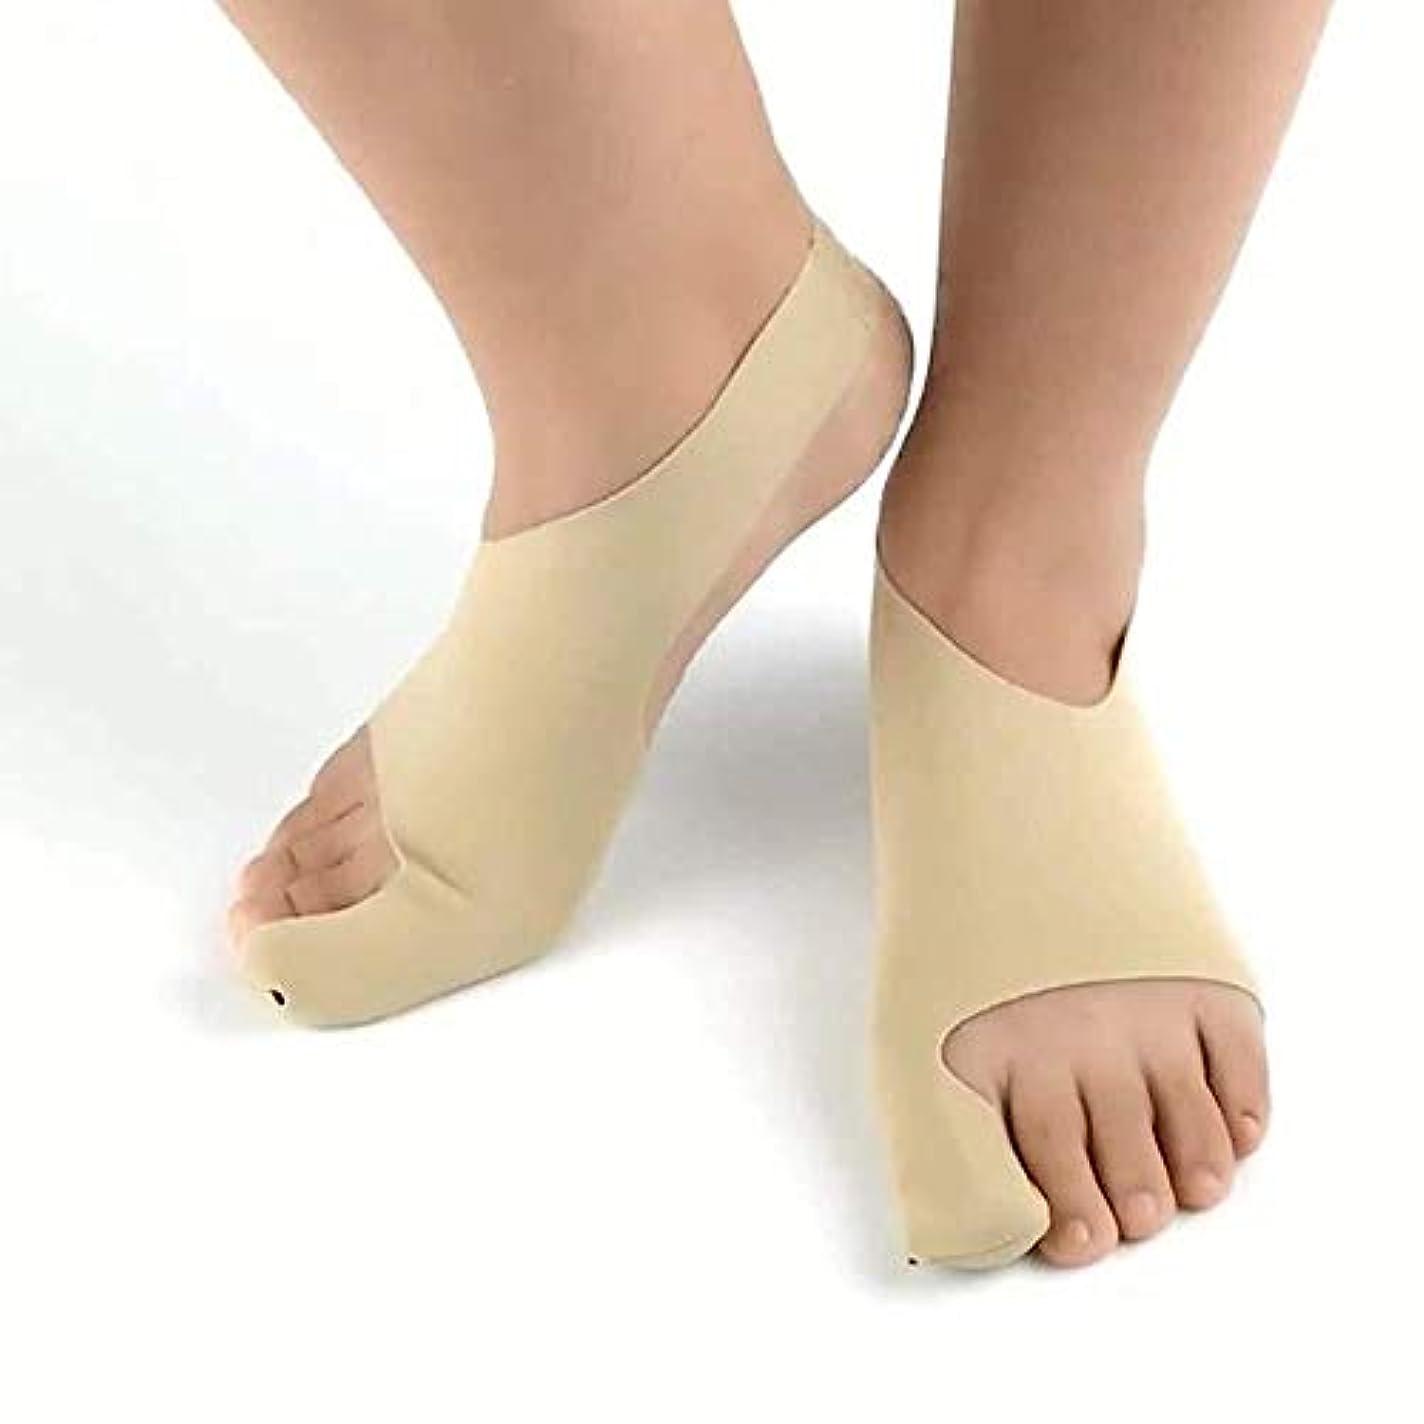 遠近法アマゾンジャングル浸透する外反母ortho装具、超薄型整形外科大足指外反母gusは、ランニング/スポーツの治療と足の痛みの緩和をサポートします,L